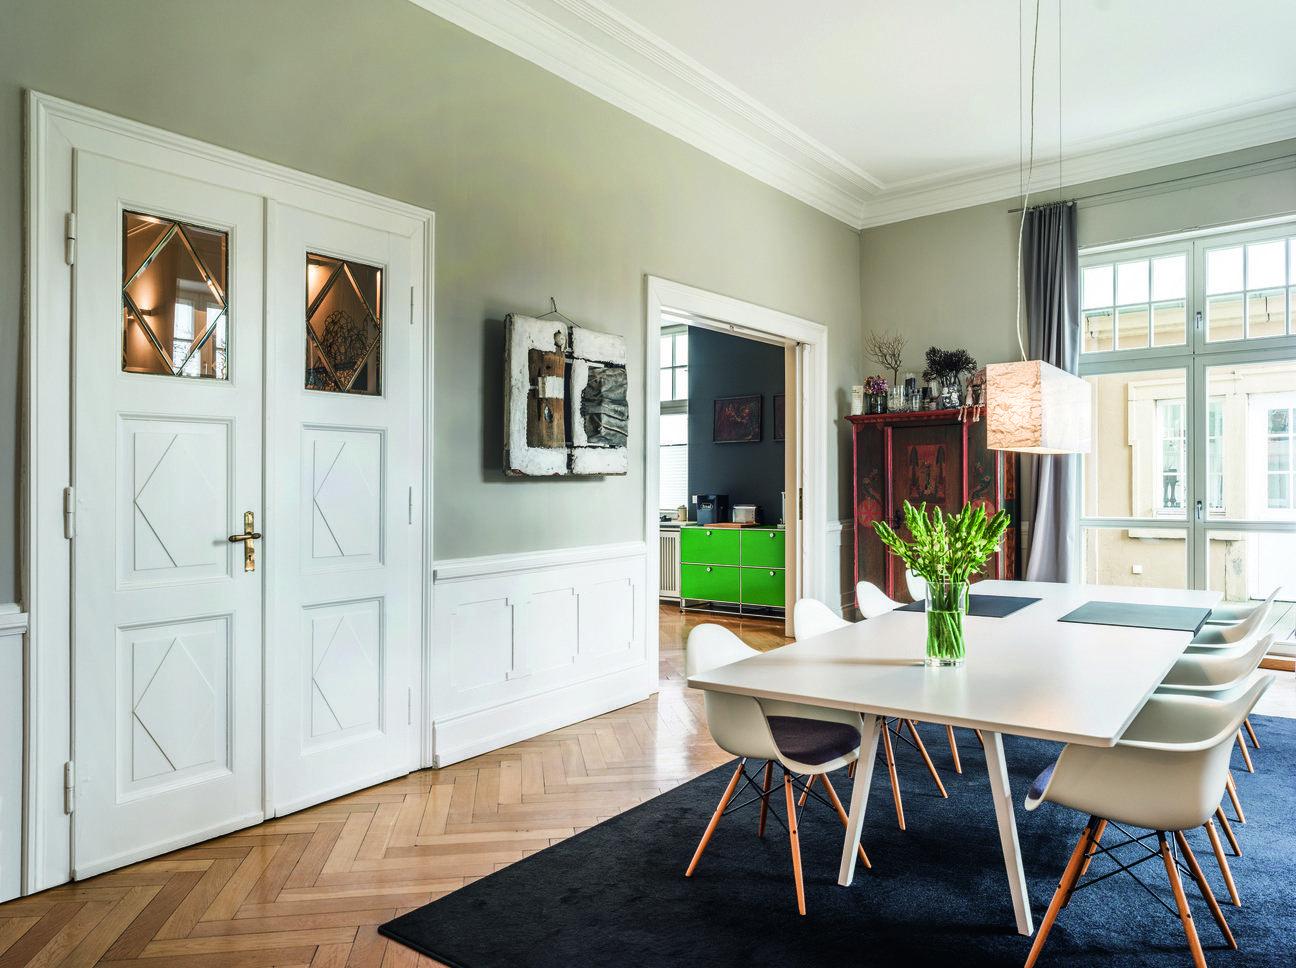 Wandfarben Trends Wohnzimmer 2019 Wandfarbe Im Schlafzimmer Nach